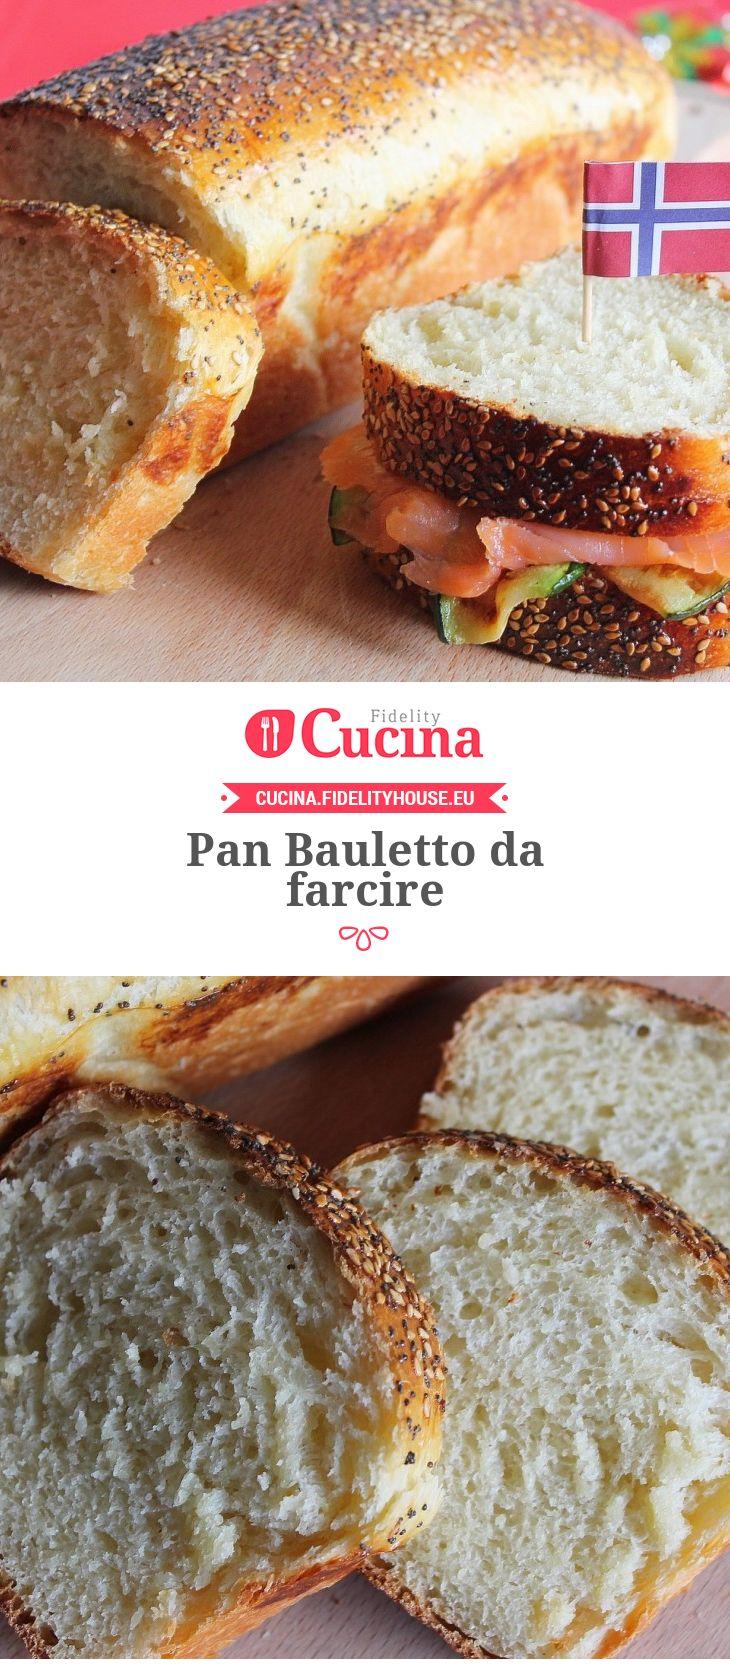 Pan Bauletto da farcire. Una ricetta della nostra utente Giovanna, entra anche tu nella #Community ed inviaci le tue ricette > bit.ly/1LiPYiP